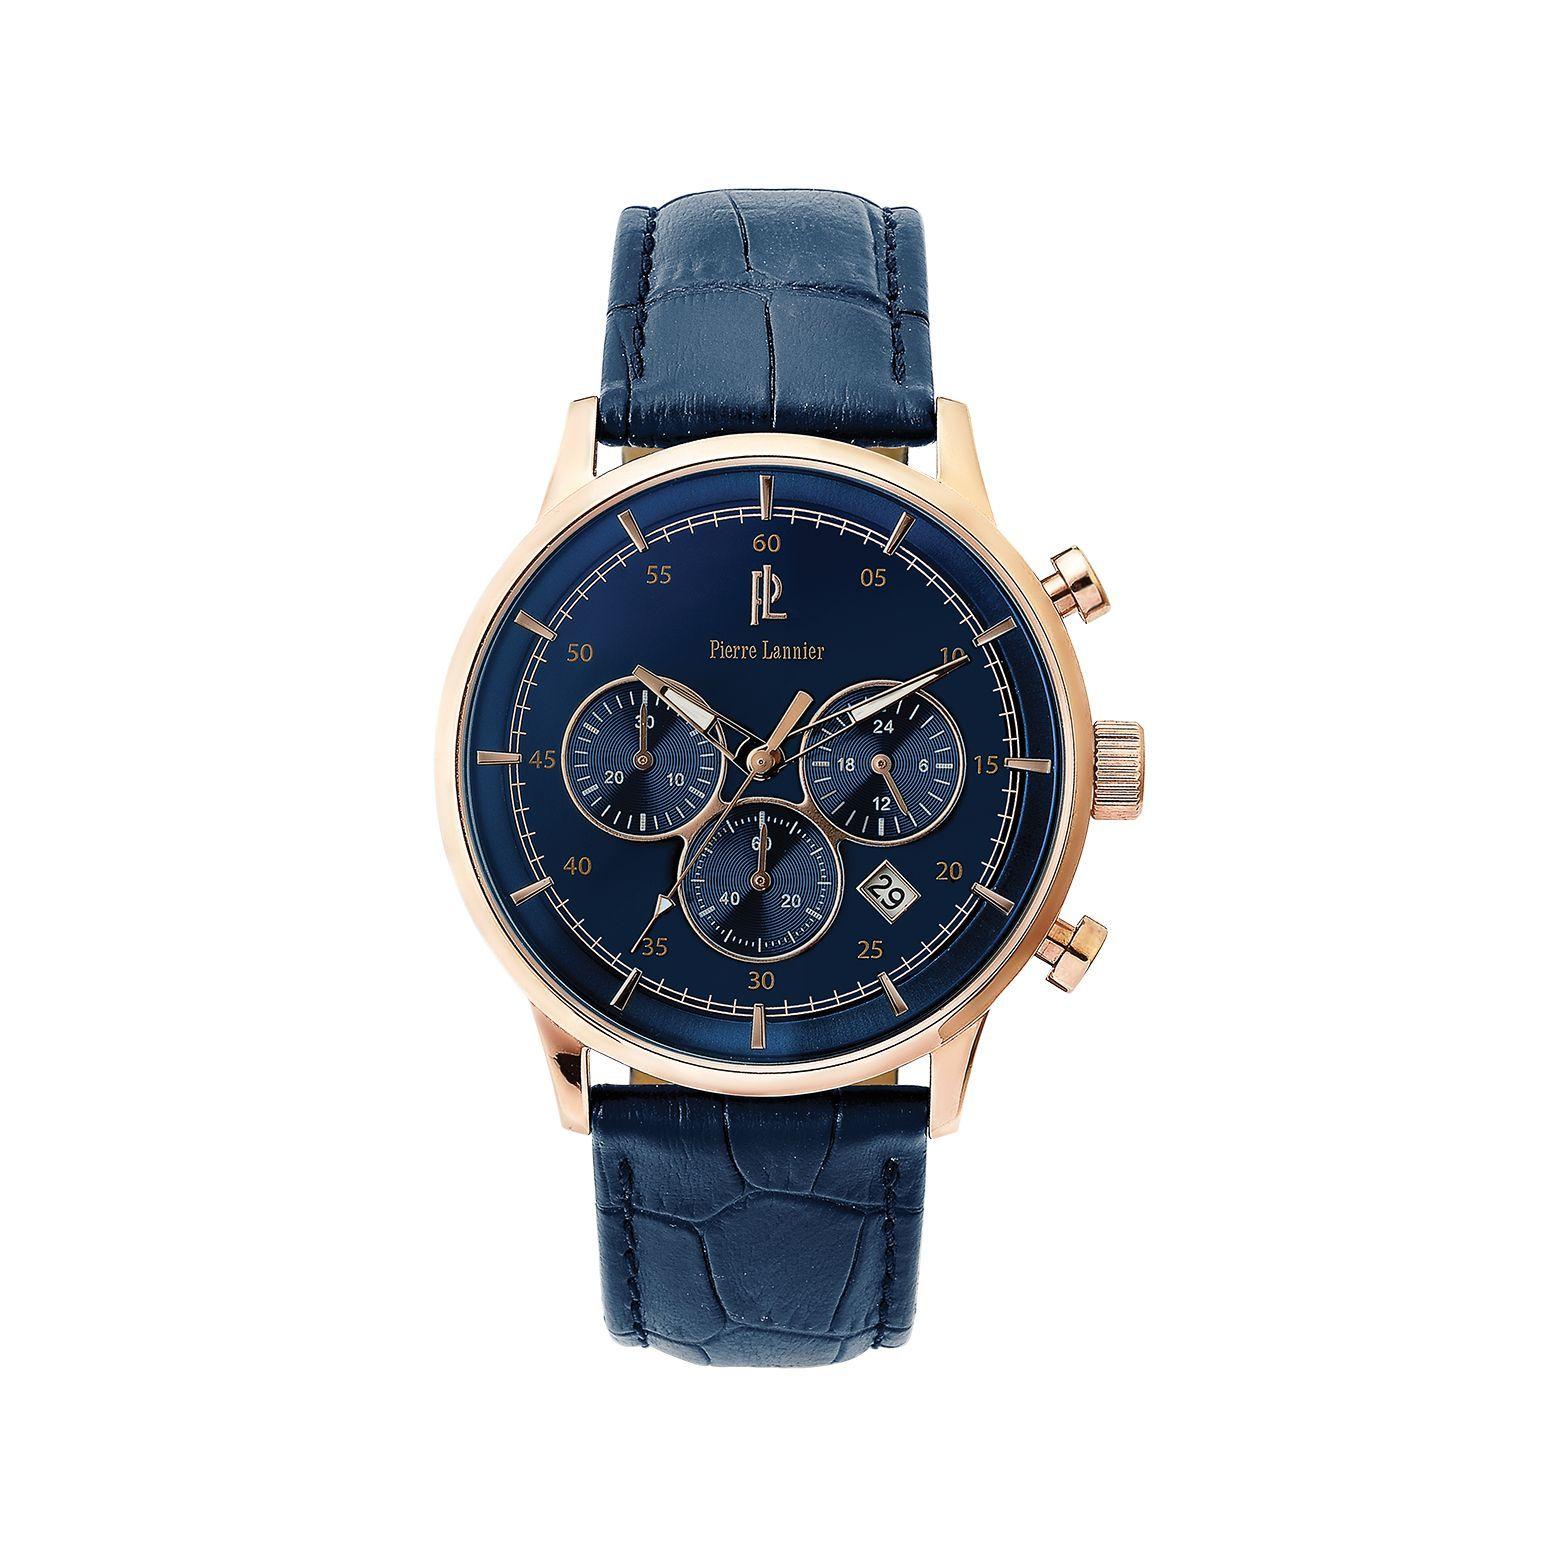 Montre Pierre Lannier Elegance chrono 225D466 vue 1